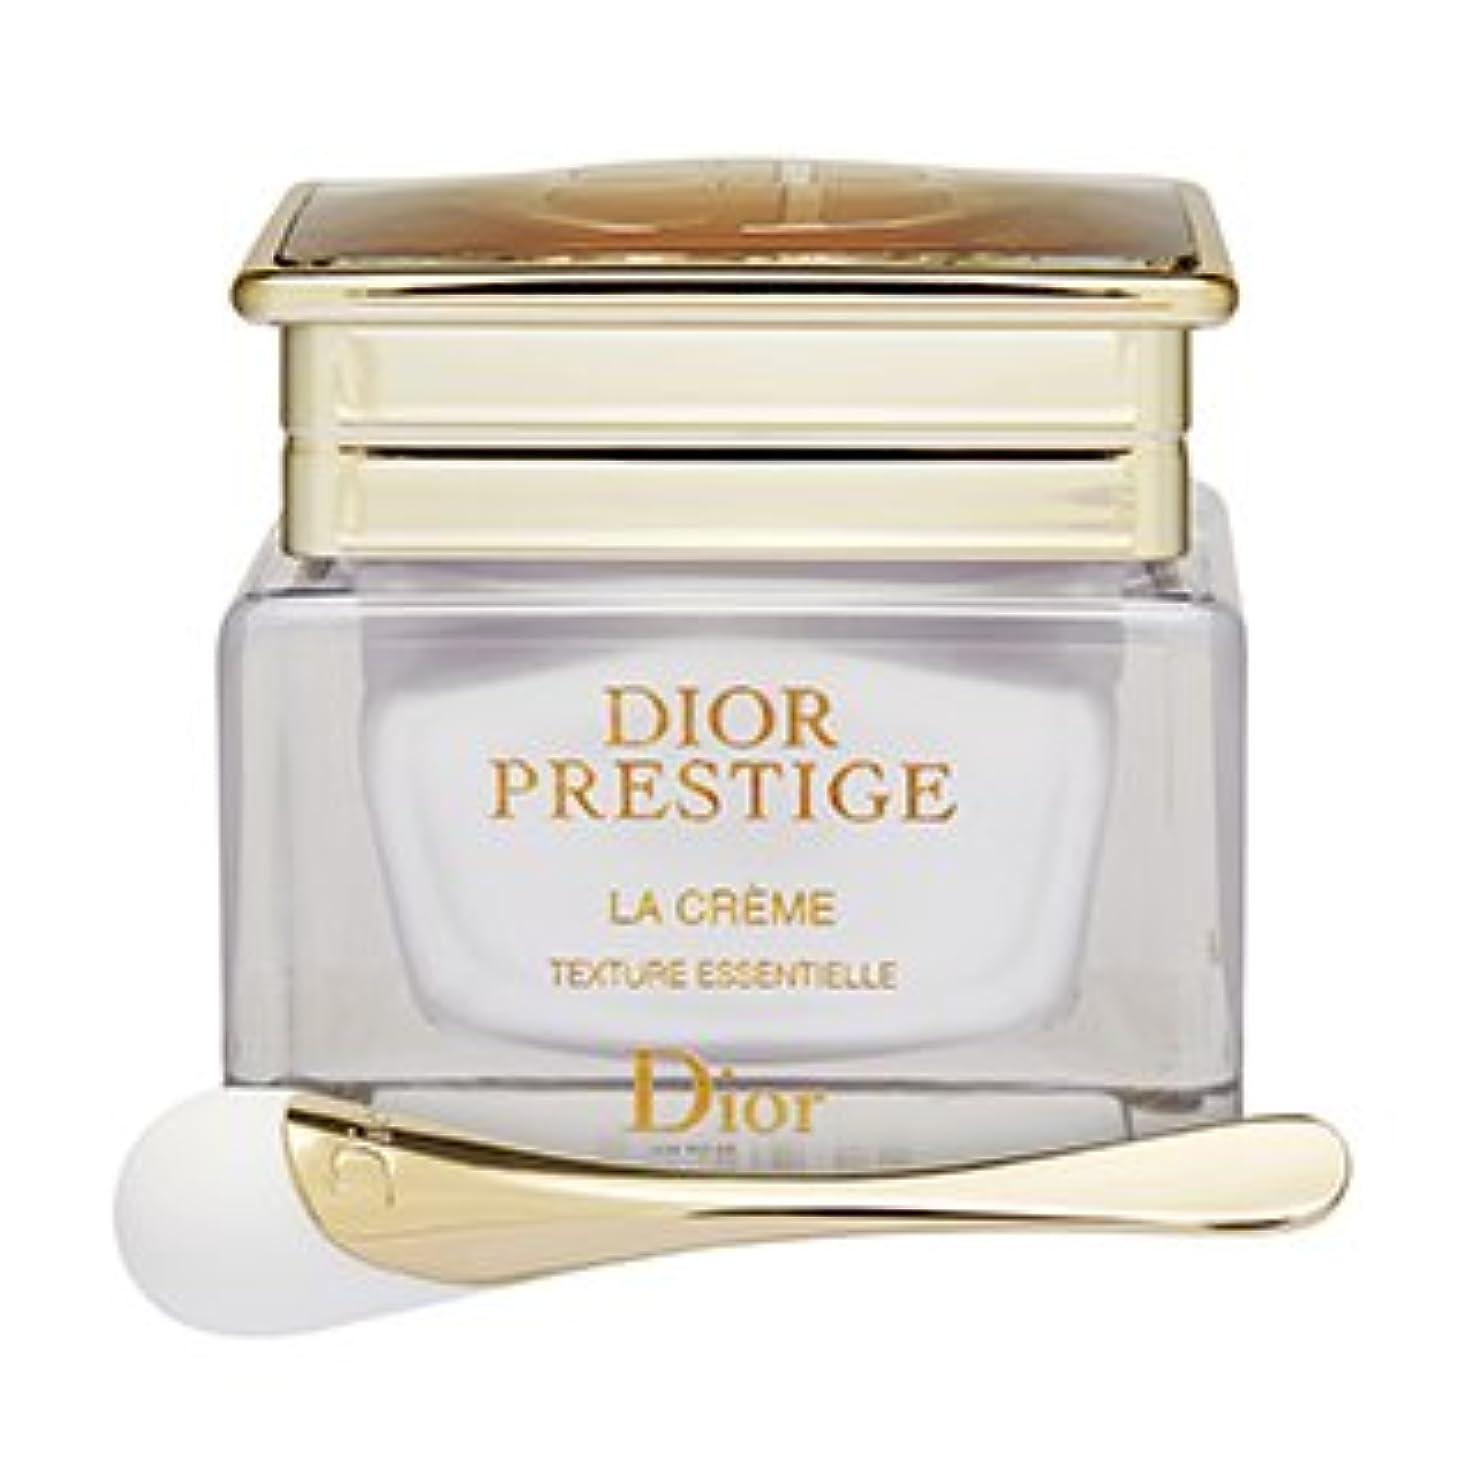 熟読する校長種ディオール(Dior) プレステージ ラ クレーム - 極上のテクスチャー [並行輸入品]